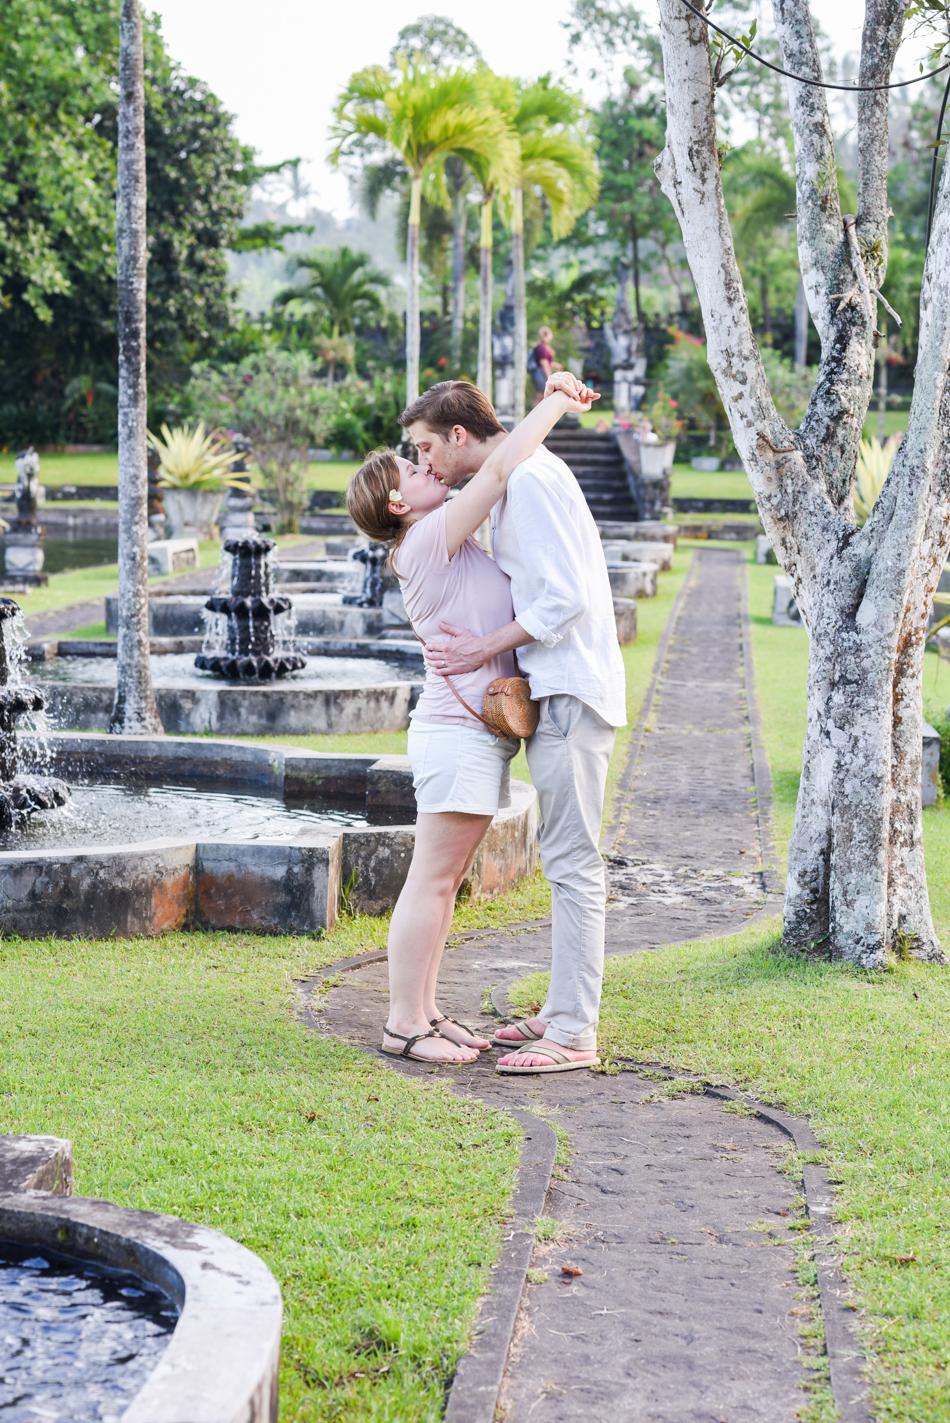 Bali-Honeymoon-Travel-AnaisStoelen-117.jpg